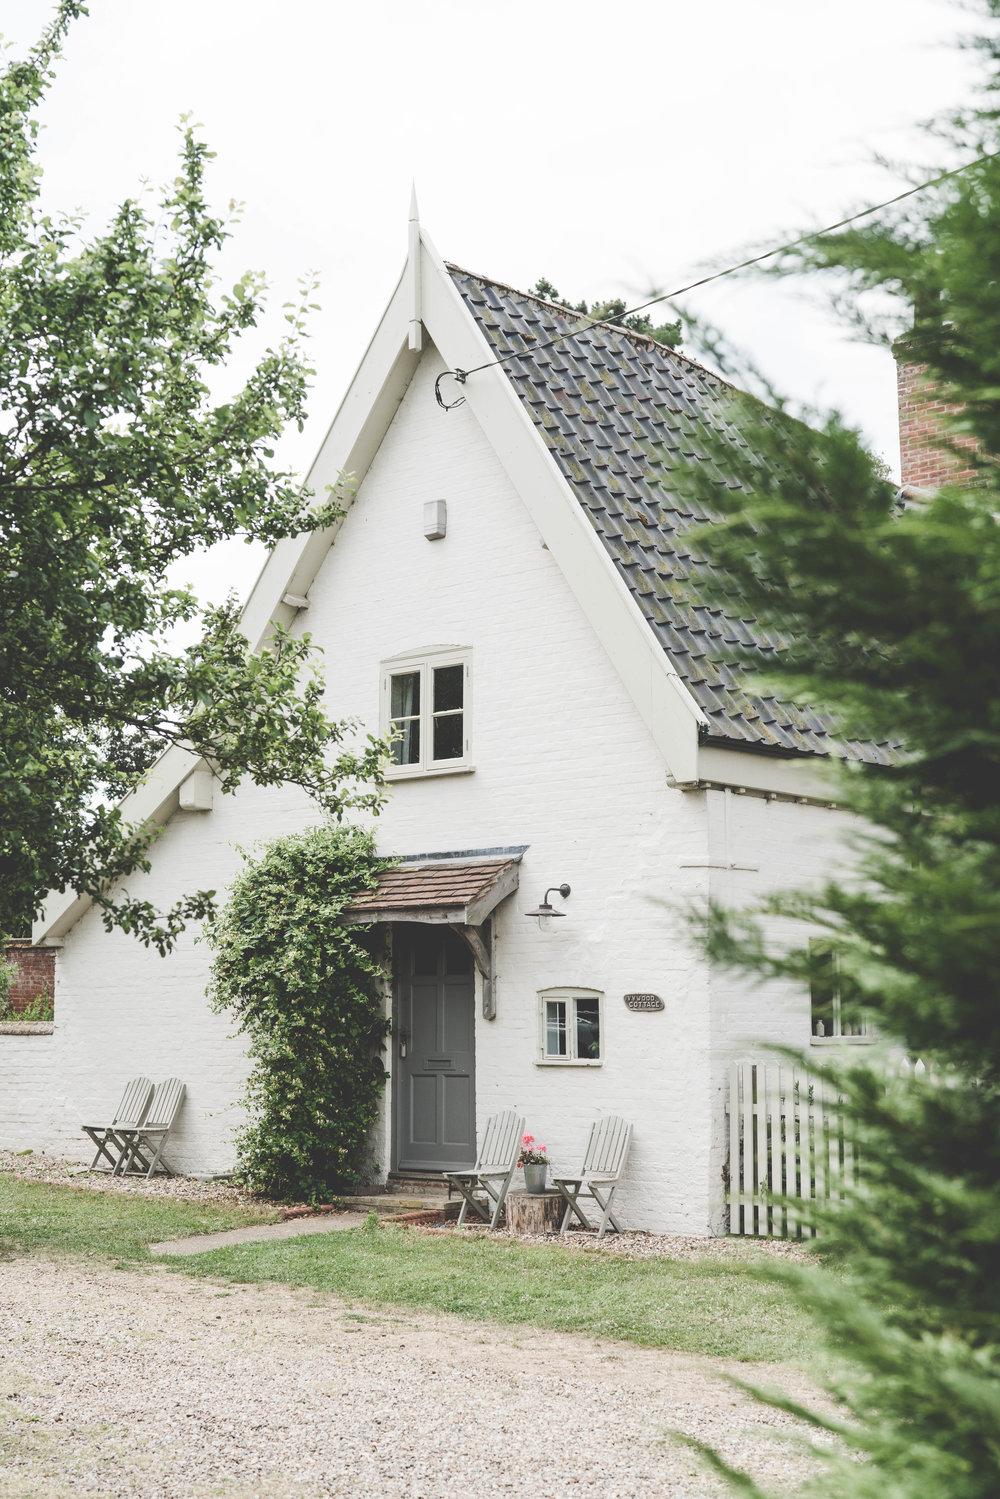 Cottage entrance